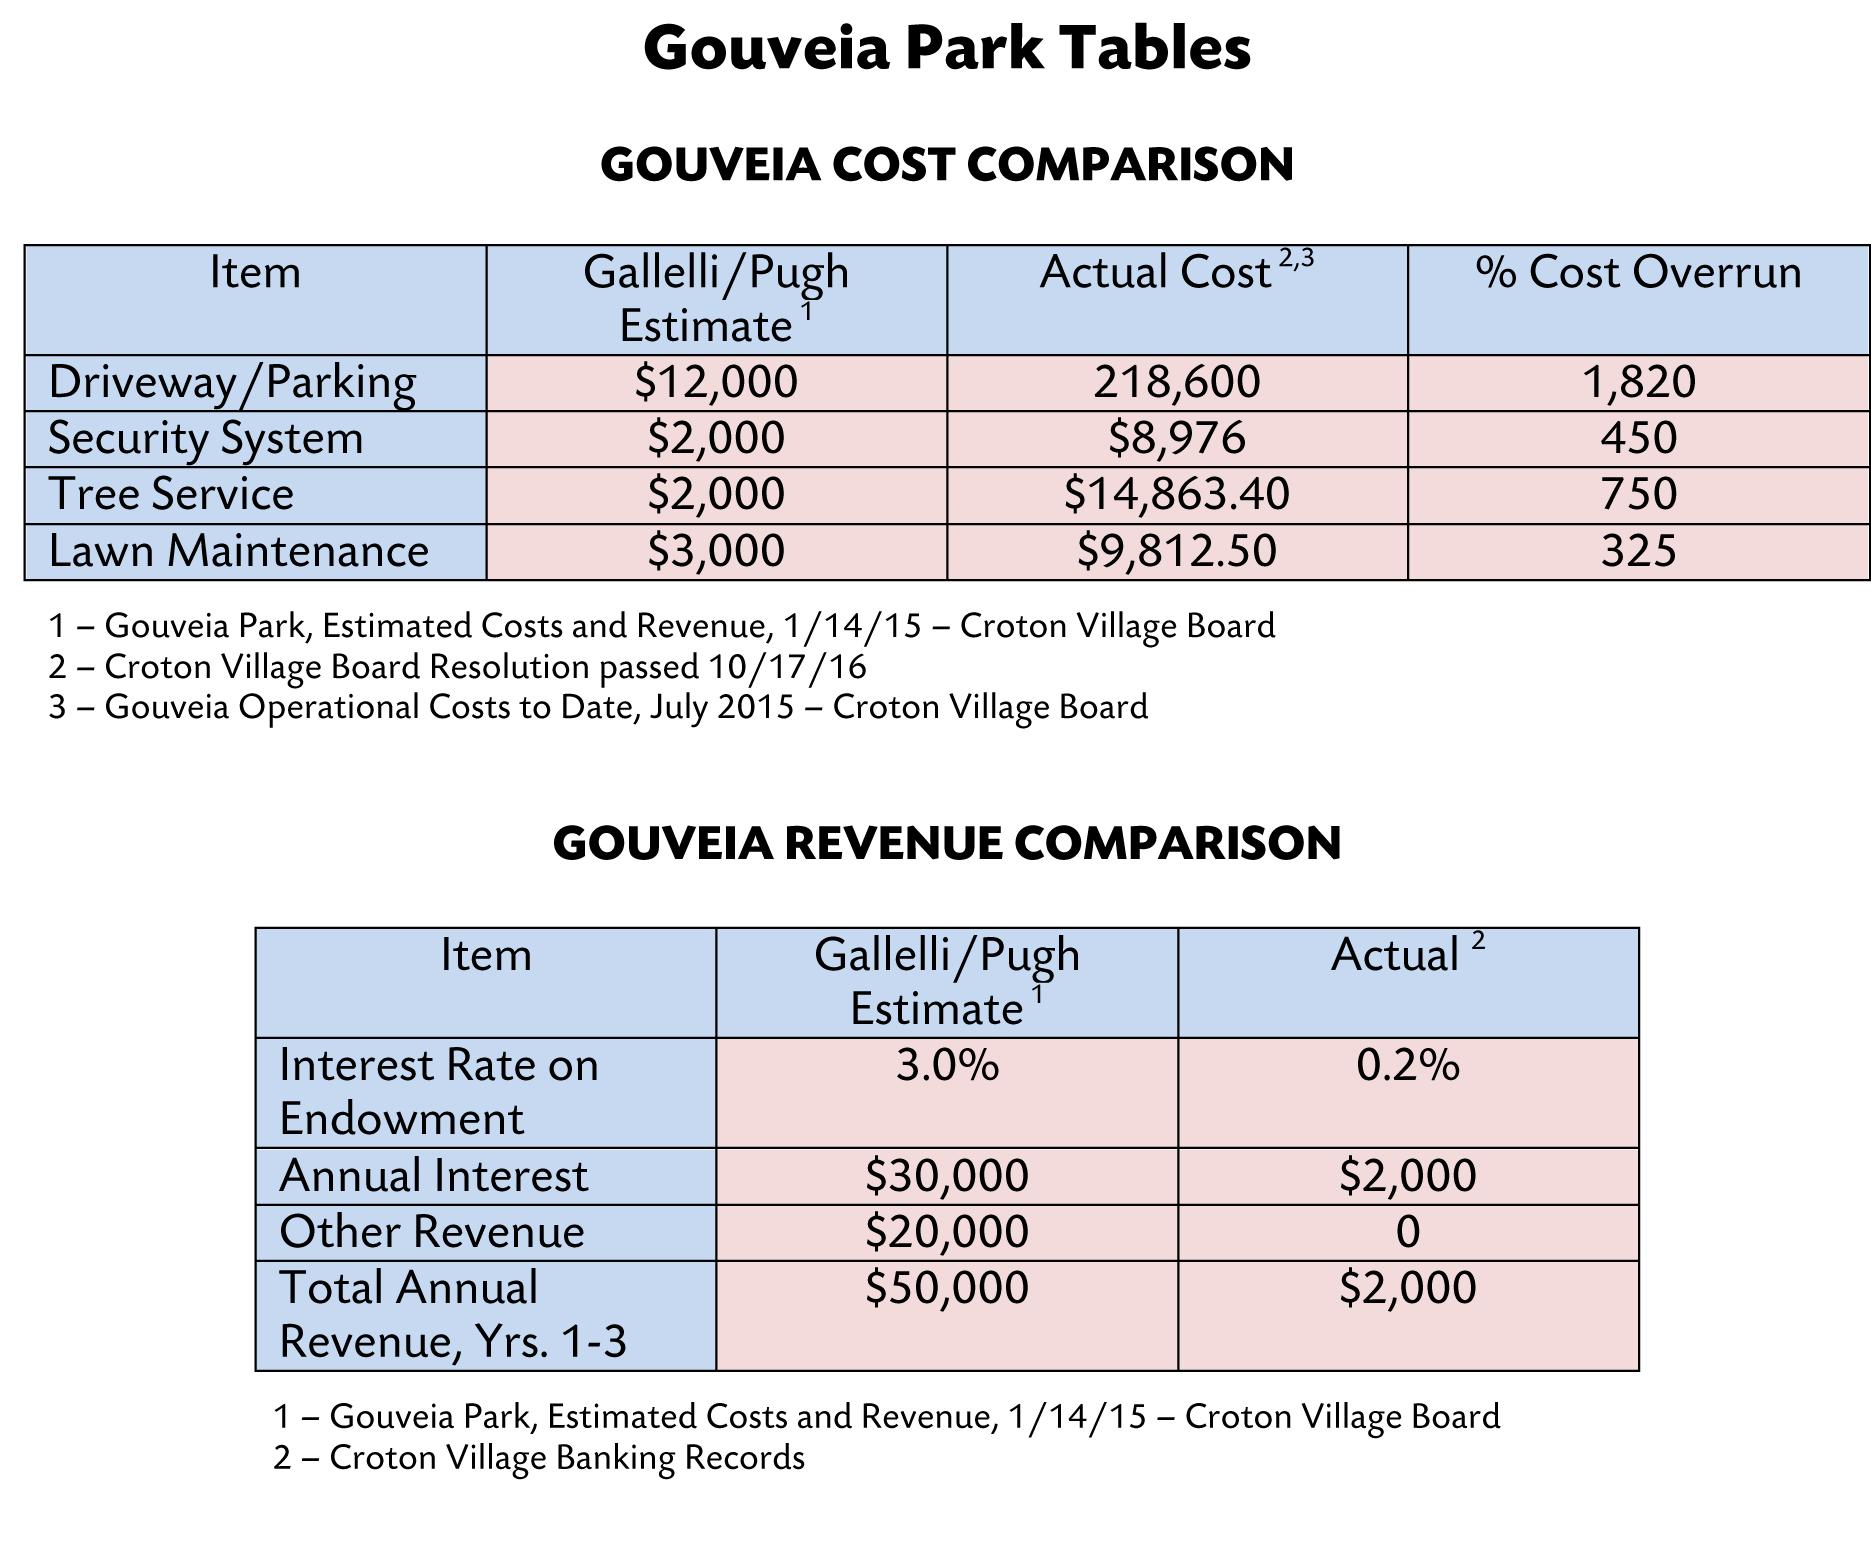 GOUVEIA PARK TABLES_mc.jpg